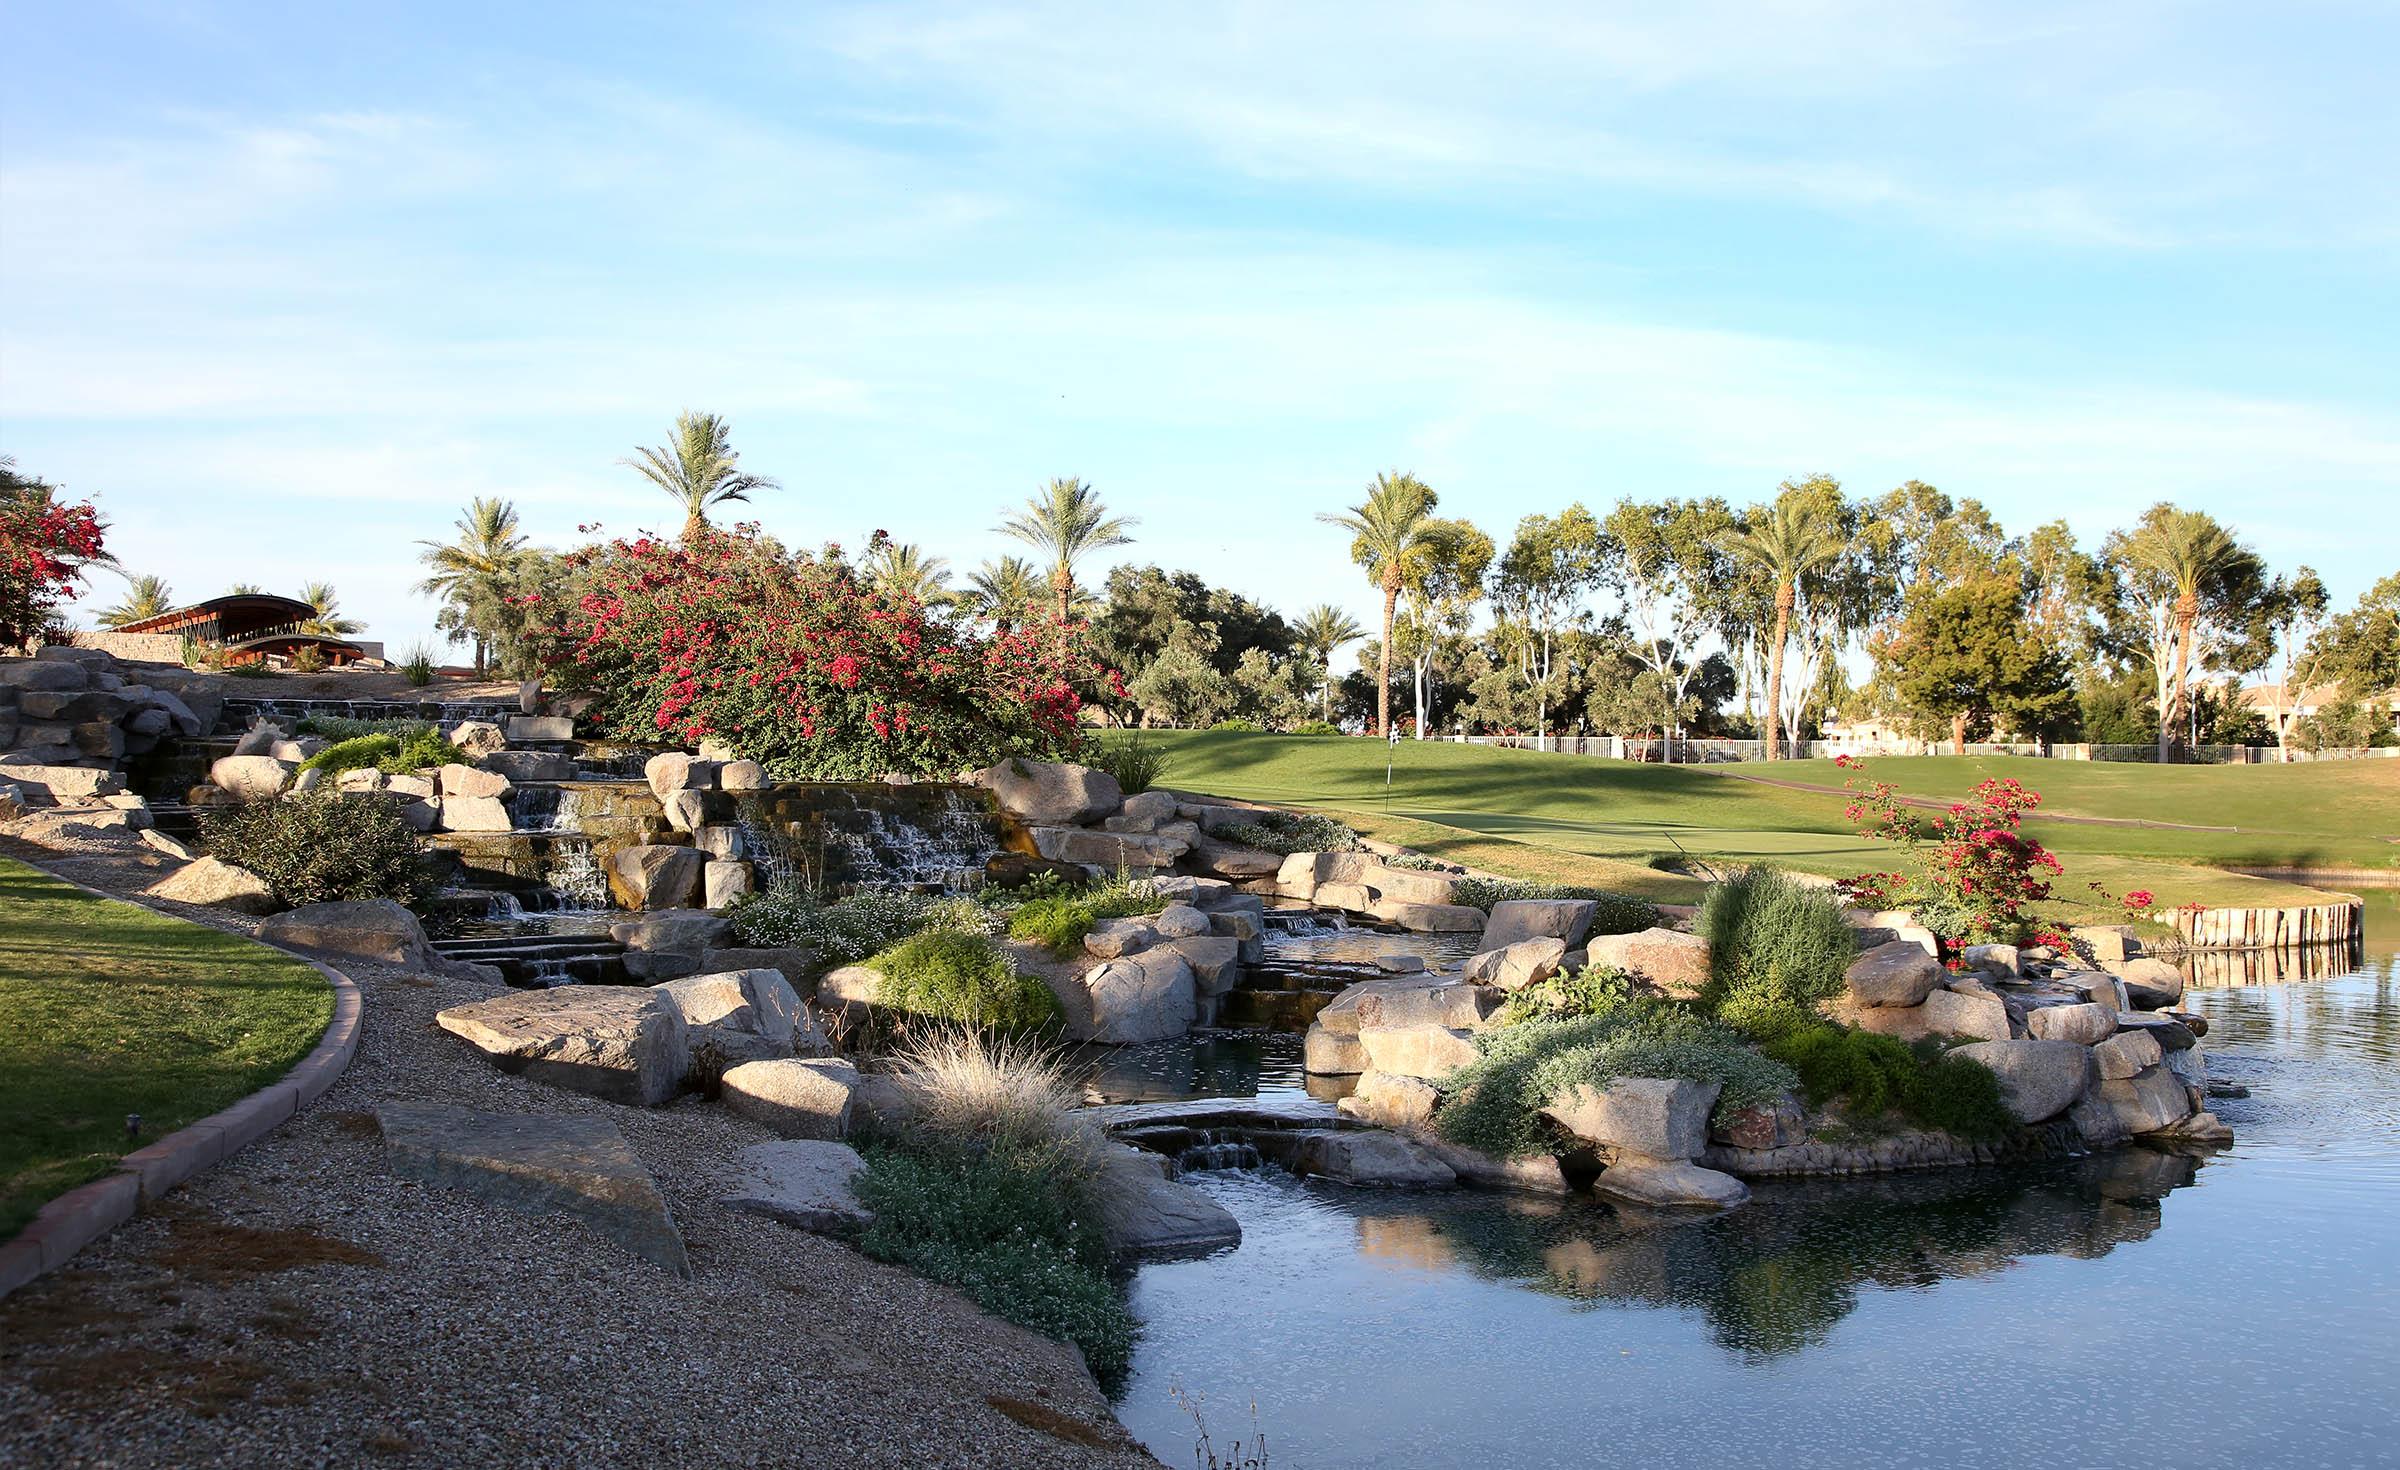 Lakes - Ocotillo - Chandler, Arizona - Maricopa County - Wedgewood Weddings